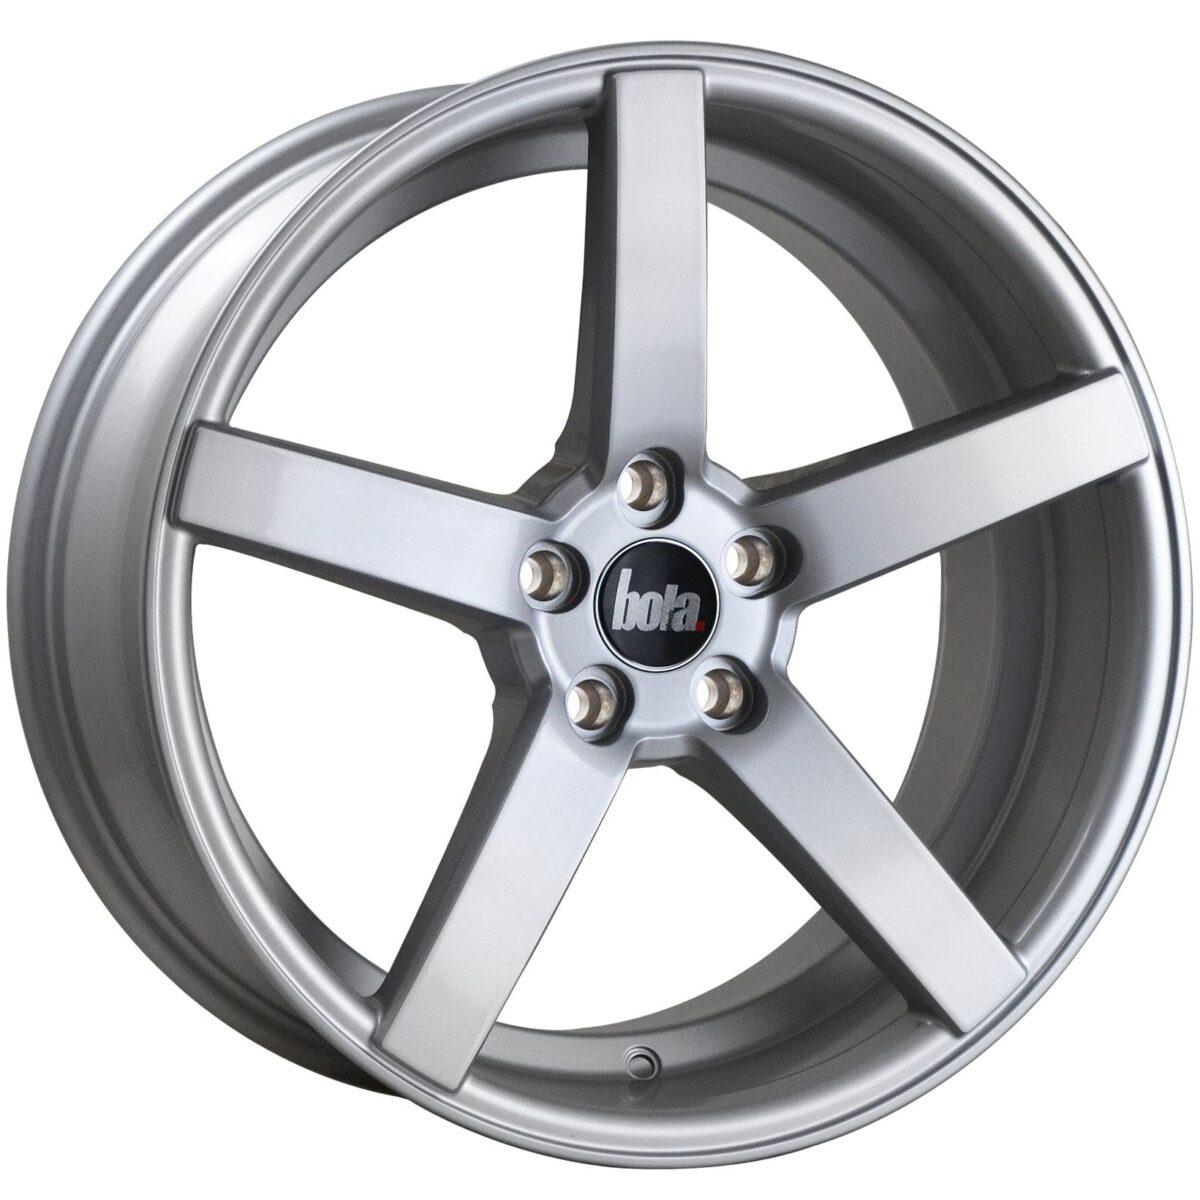 """18"""" BOLA B2 Wheels - Silver - VW / Audi / Mercedes - 5x112"""